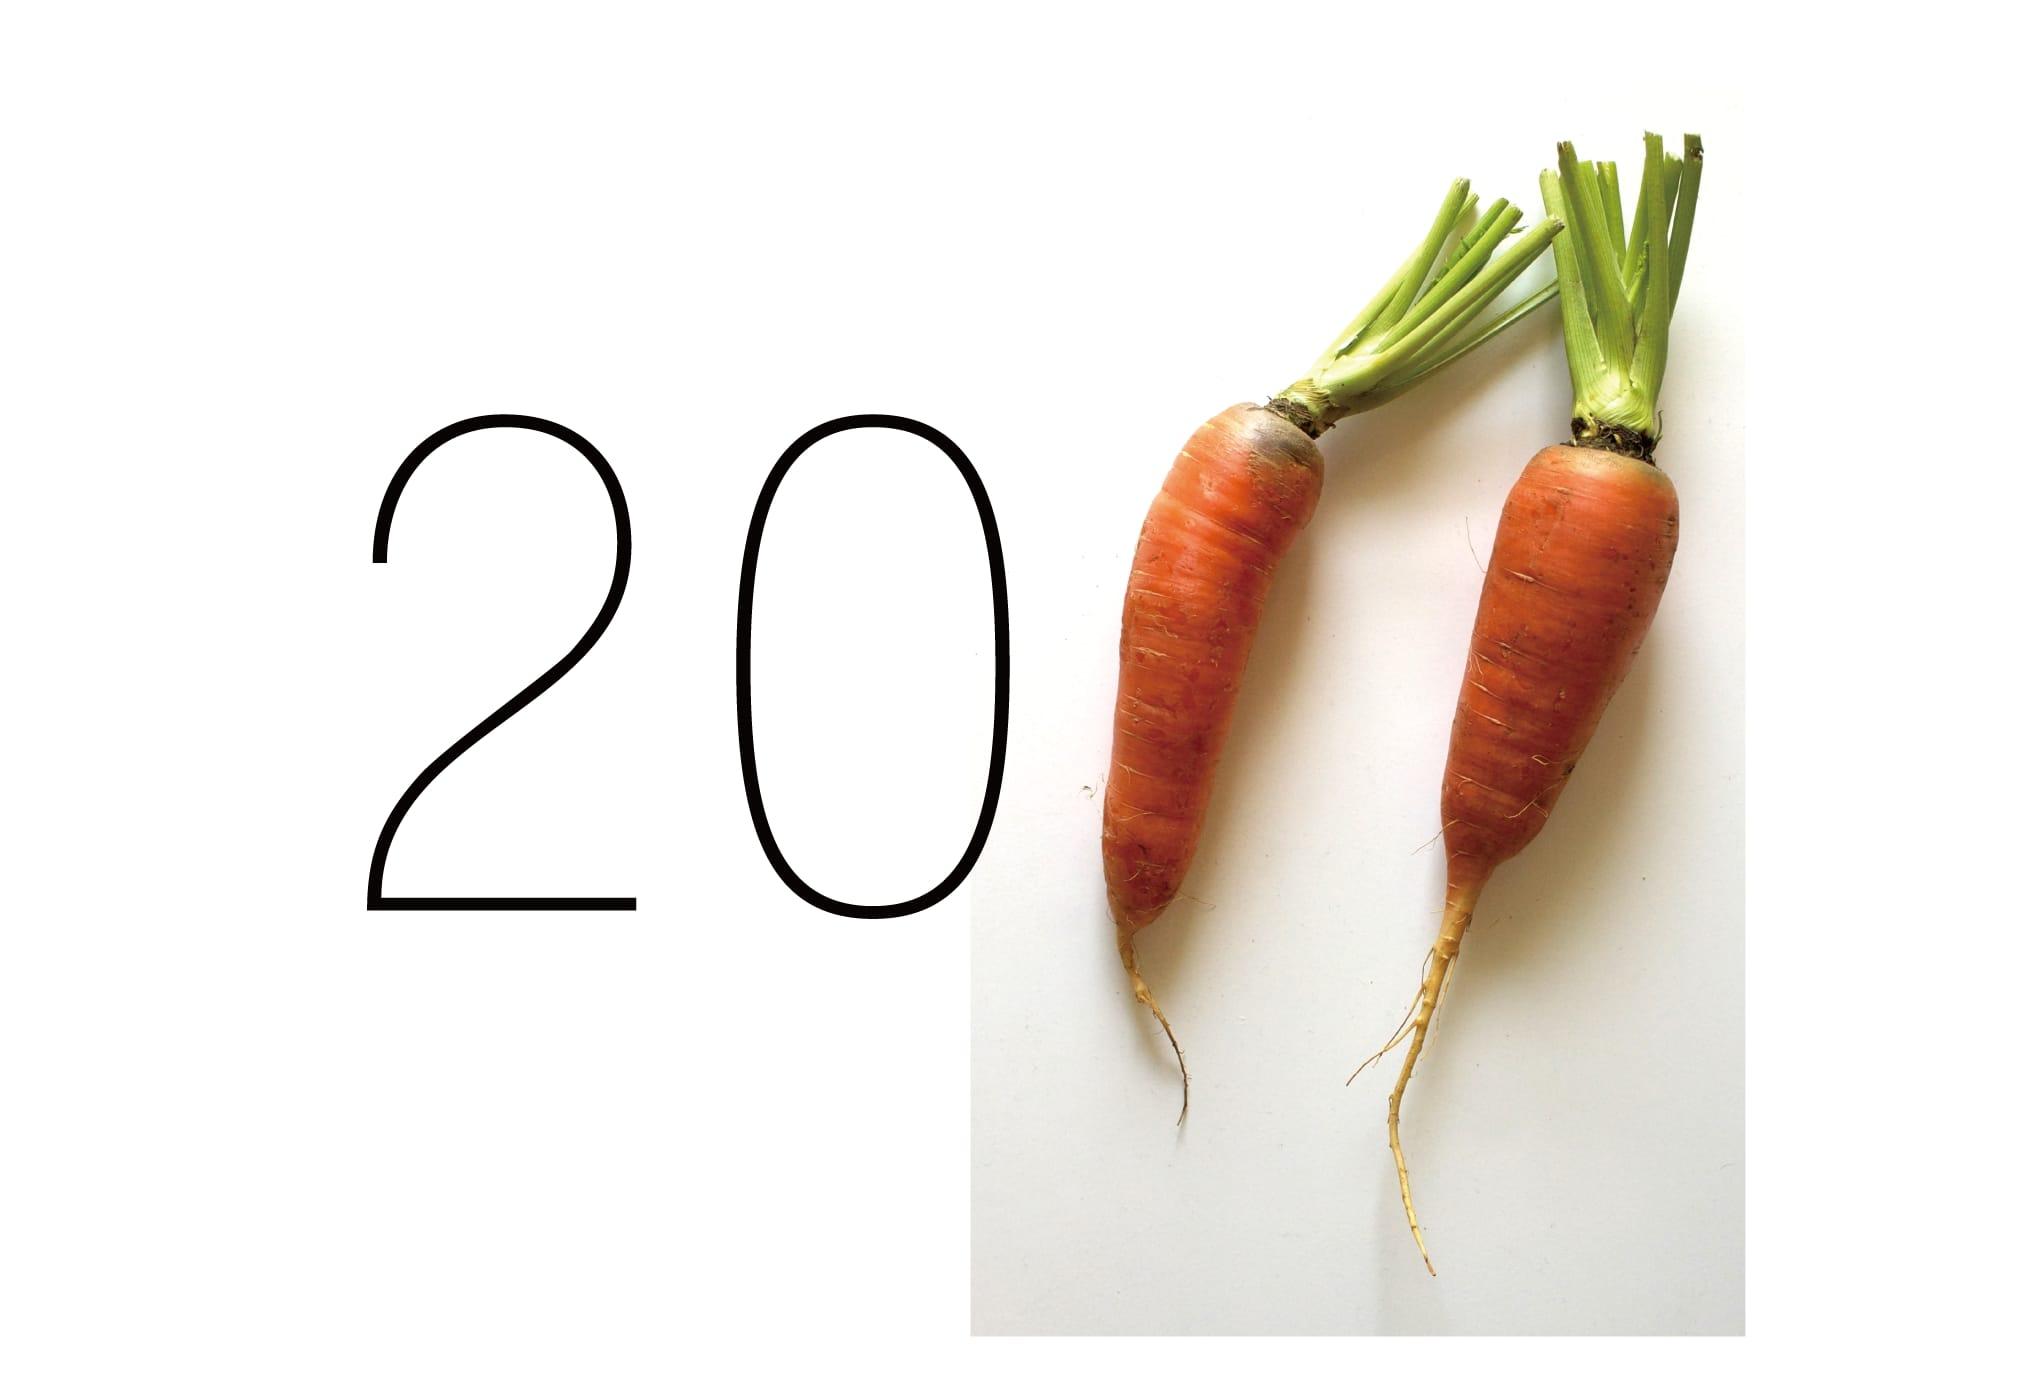 2011年賀状23:Carrot 2011のダウンロード画像